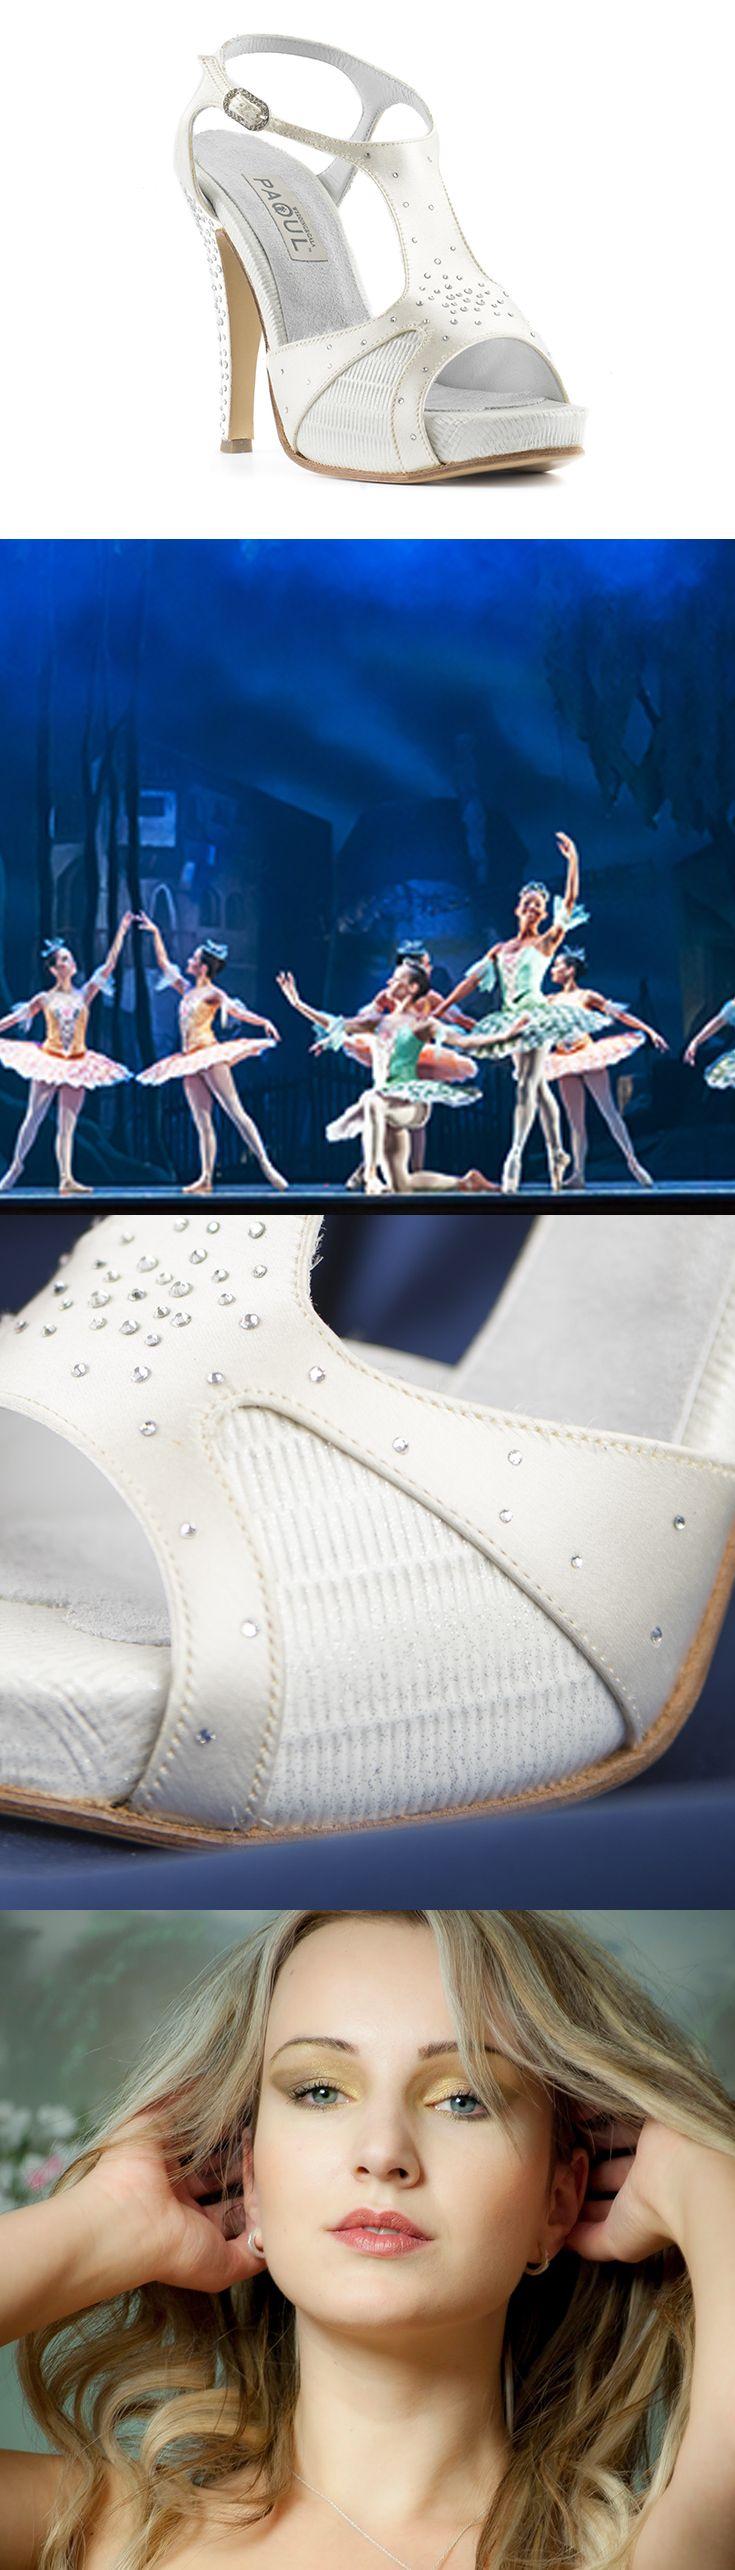 Caterina, 30 anni, ha indossato le scarpe Constellation (920_120I) in occasione di una prima all'arena di Verona. Impossibile passare inosservate! ----- Caterina, 30 years old, wore this shoes (920_120I) on the occasion of an opening in the Arena di Verona. Impossible to get unnoticed! ----- #Paoul #matrimonio #wedding #scarpedasposa #weddingshoes #sposa #bride #bridalshoes #bridal #nozze